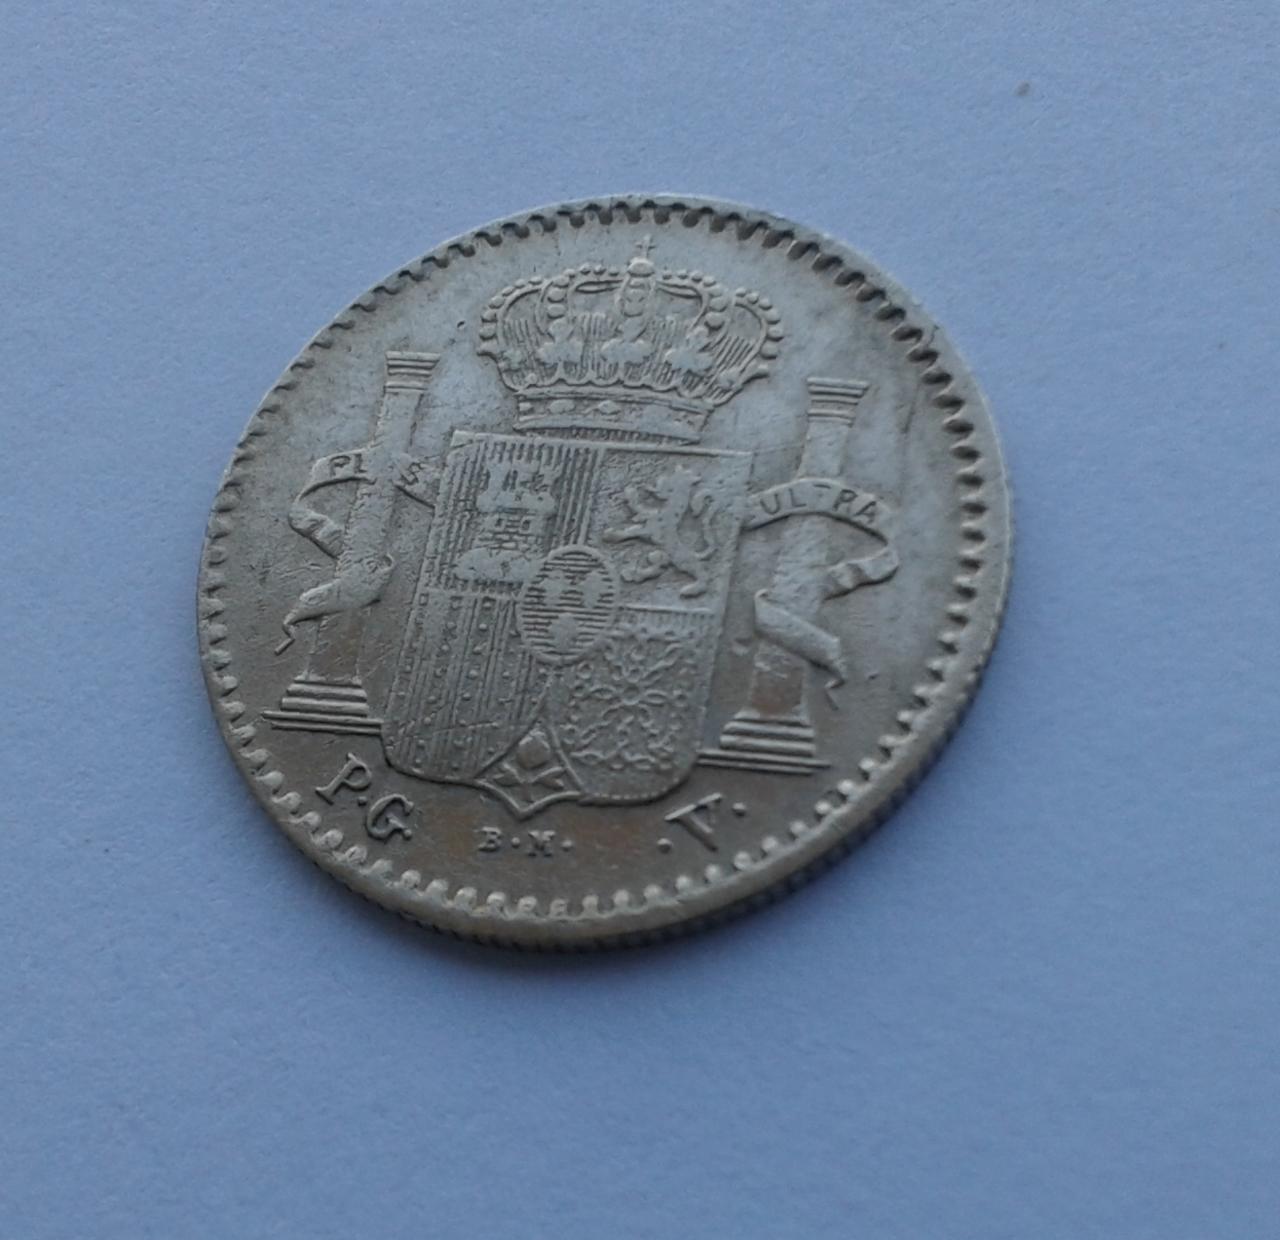 5 Centavos 1896 Puerto Rico - Alfonso XIII 20141027_152834